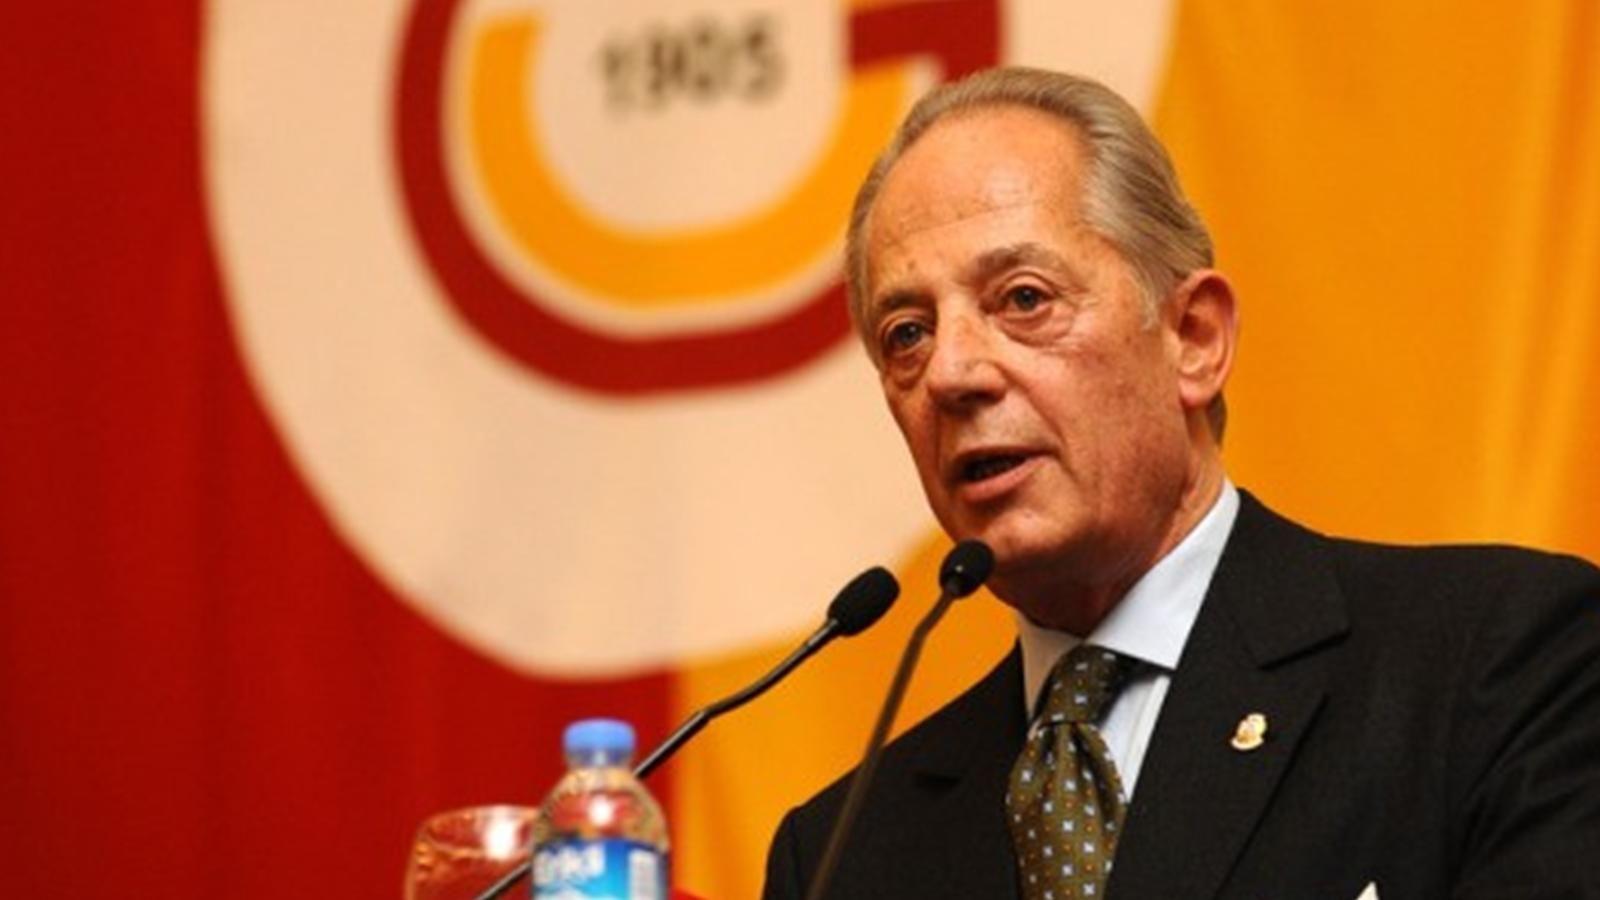 Faruk Süren, iş adamı, Galatasaray eski başkanı tarihte bugün